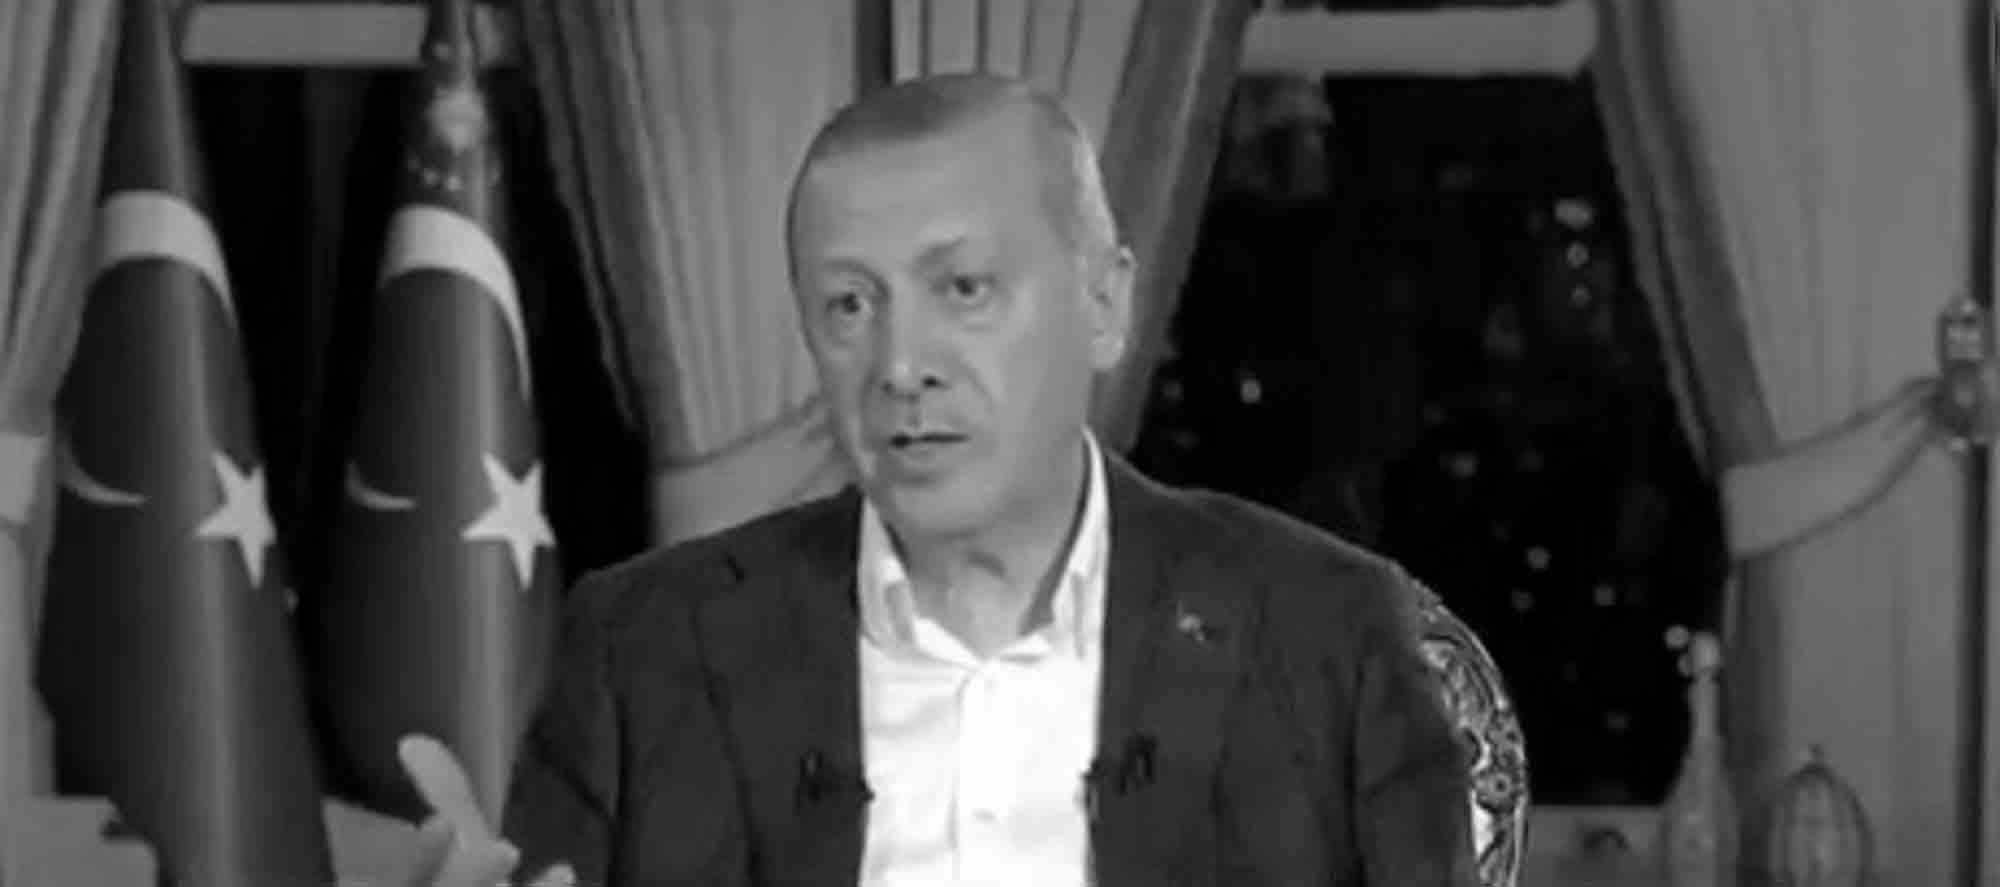 Erdogans Ties To Top Turkish Club Revealed